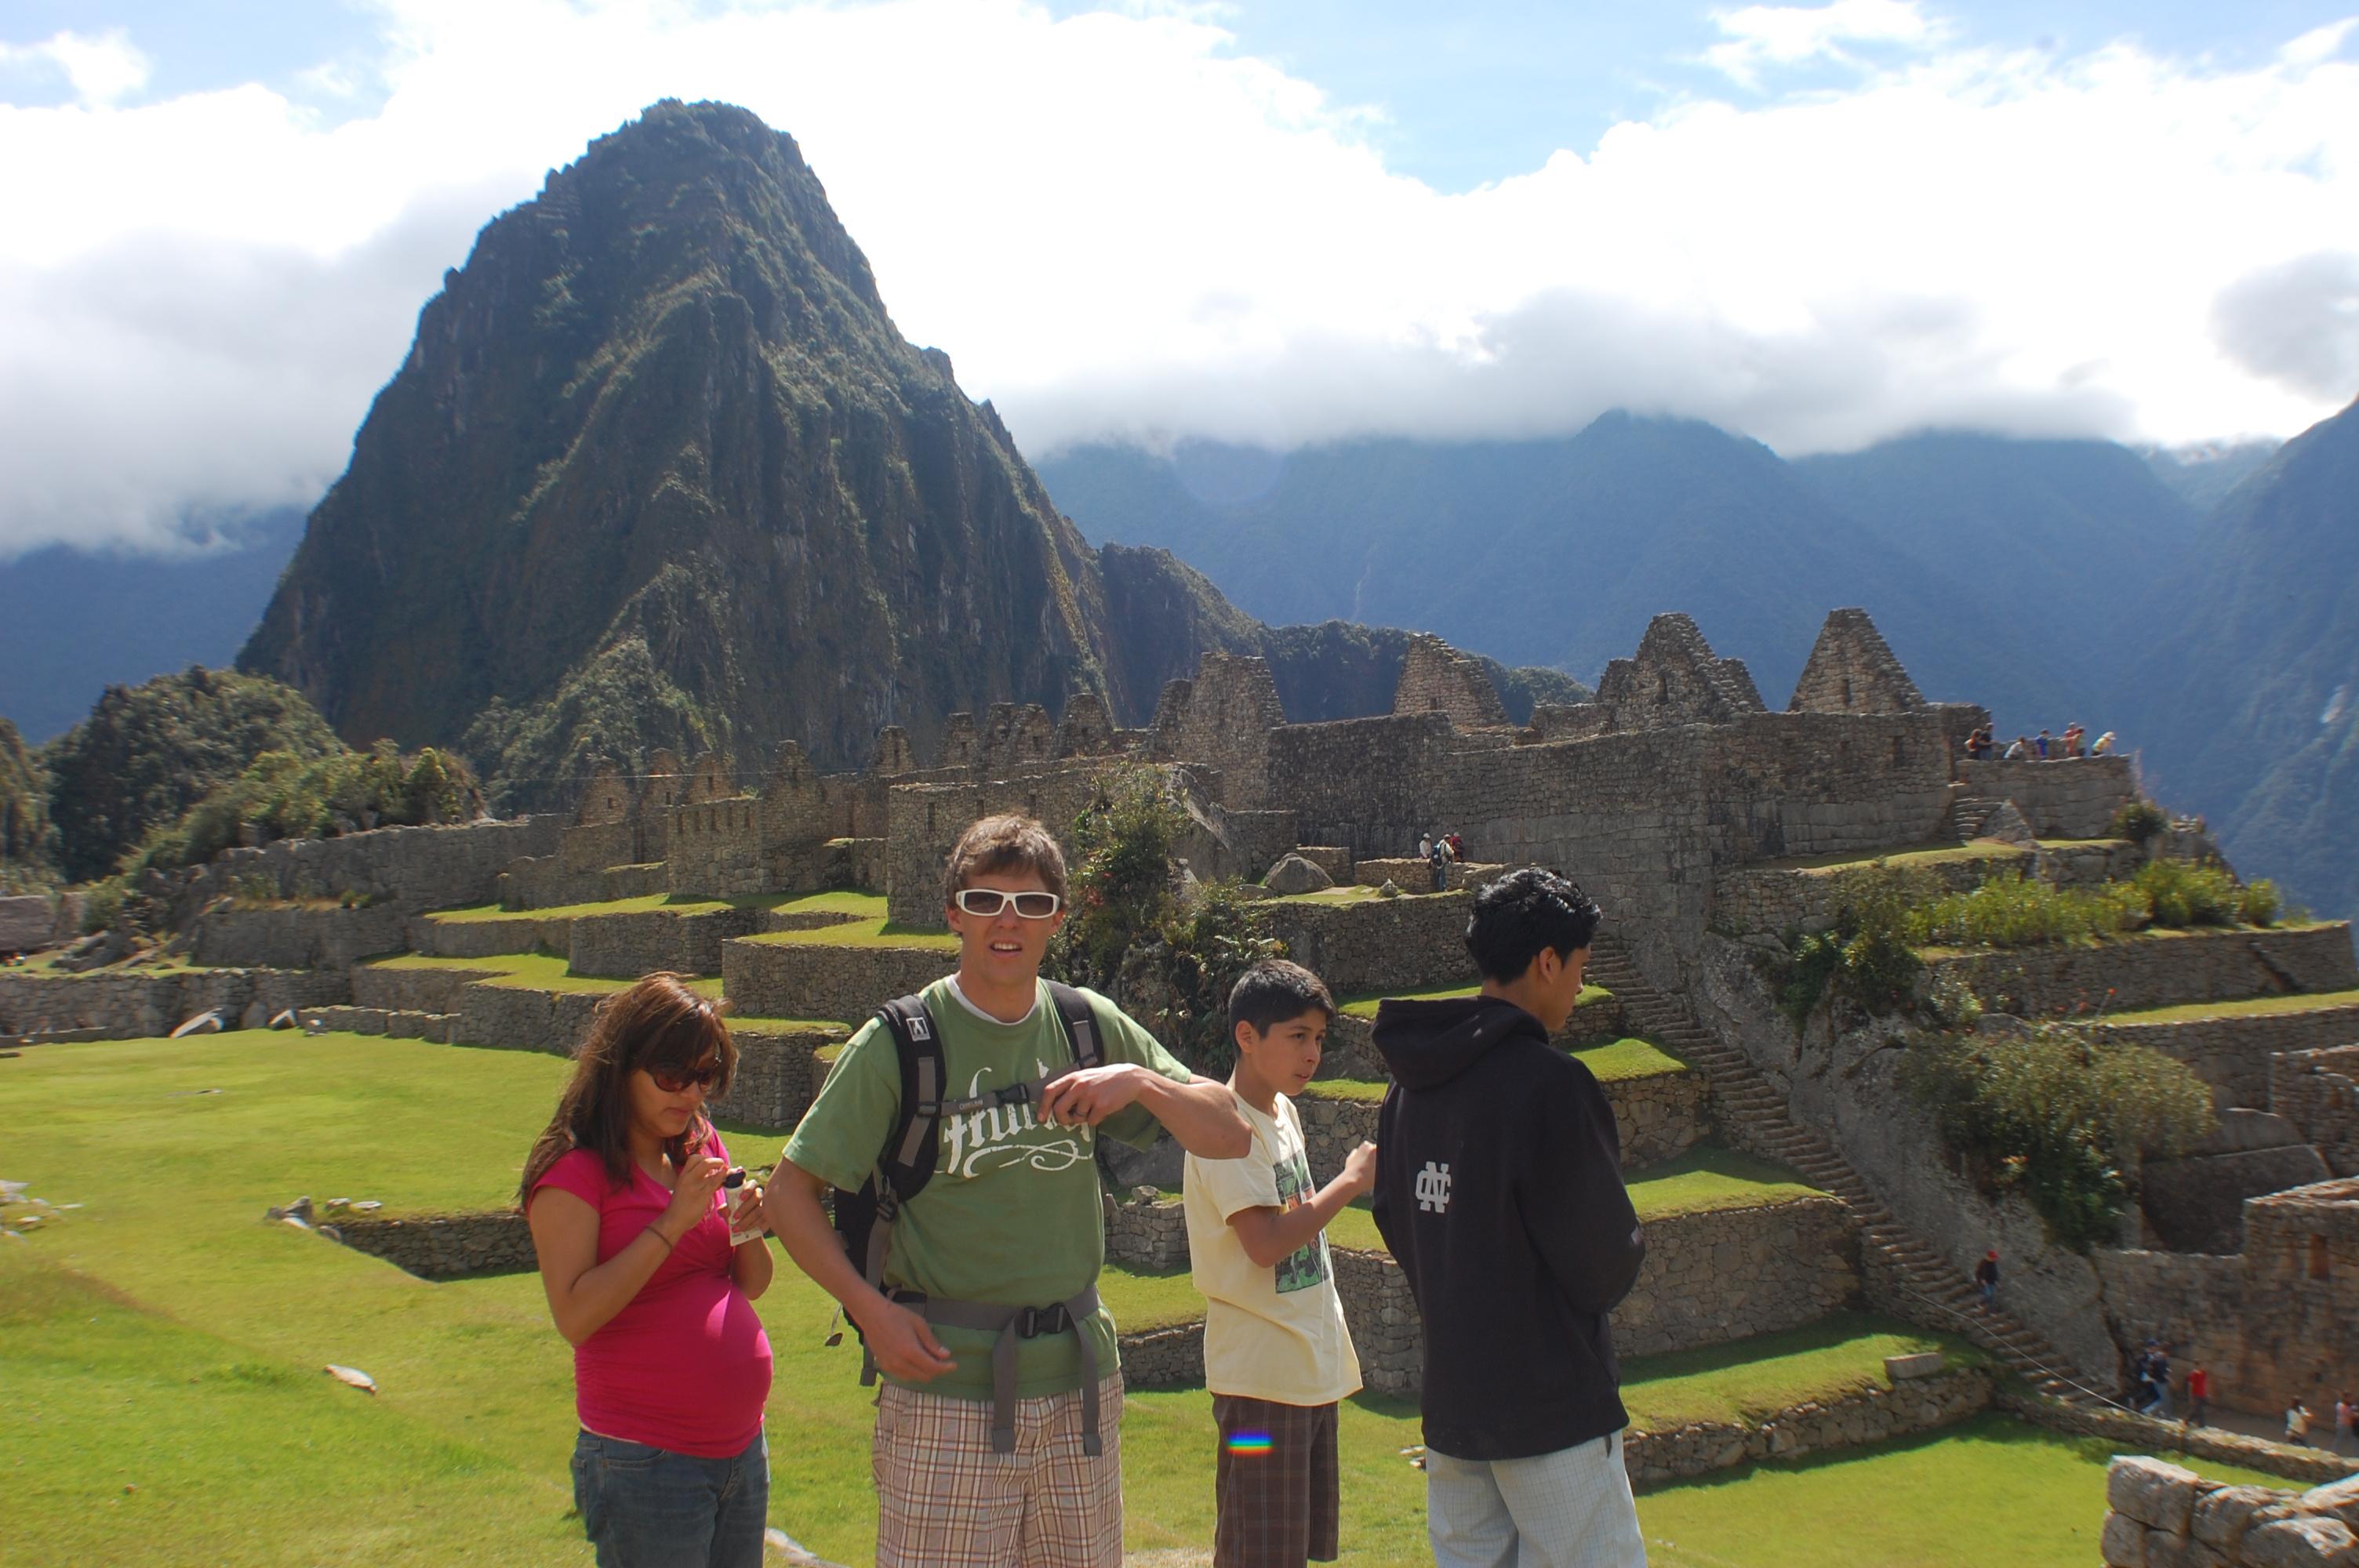 Brenda, Lorin and fam at Machu Picchu